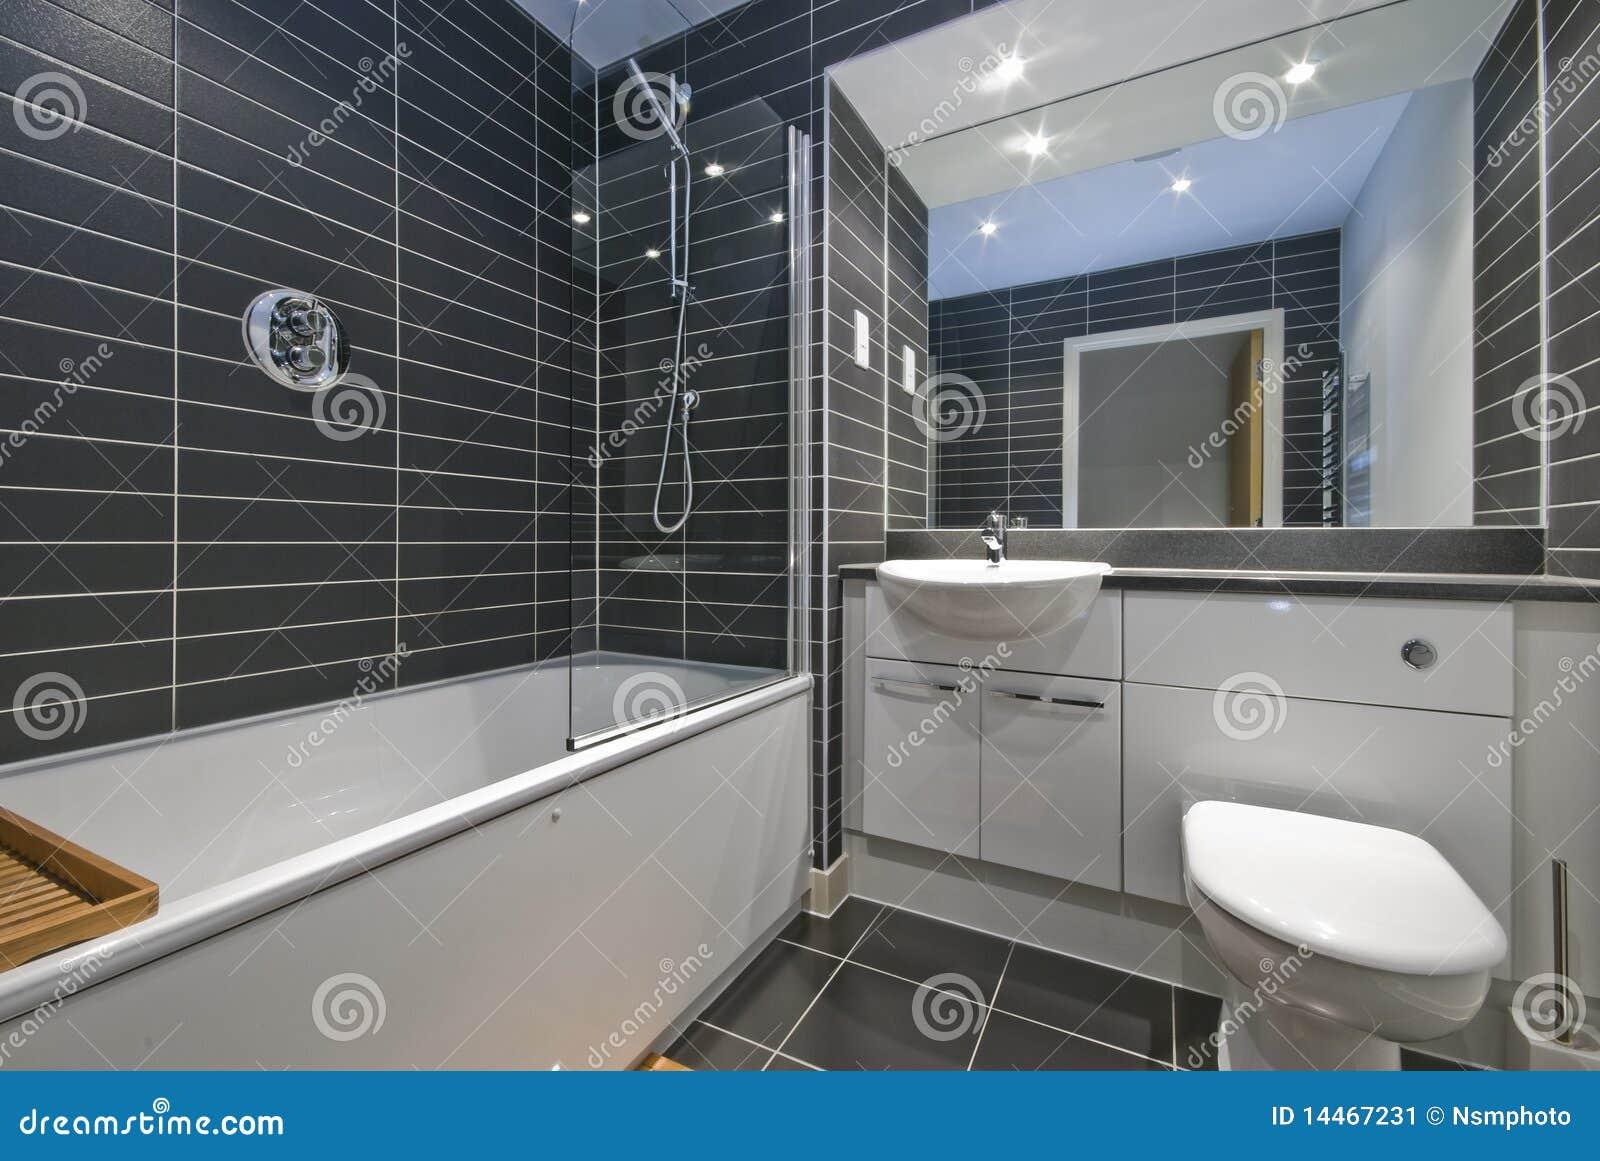 Stanza da bagno contemporanea con le mattonelle nere immagine